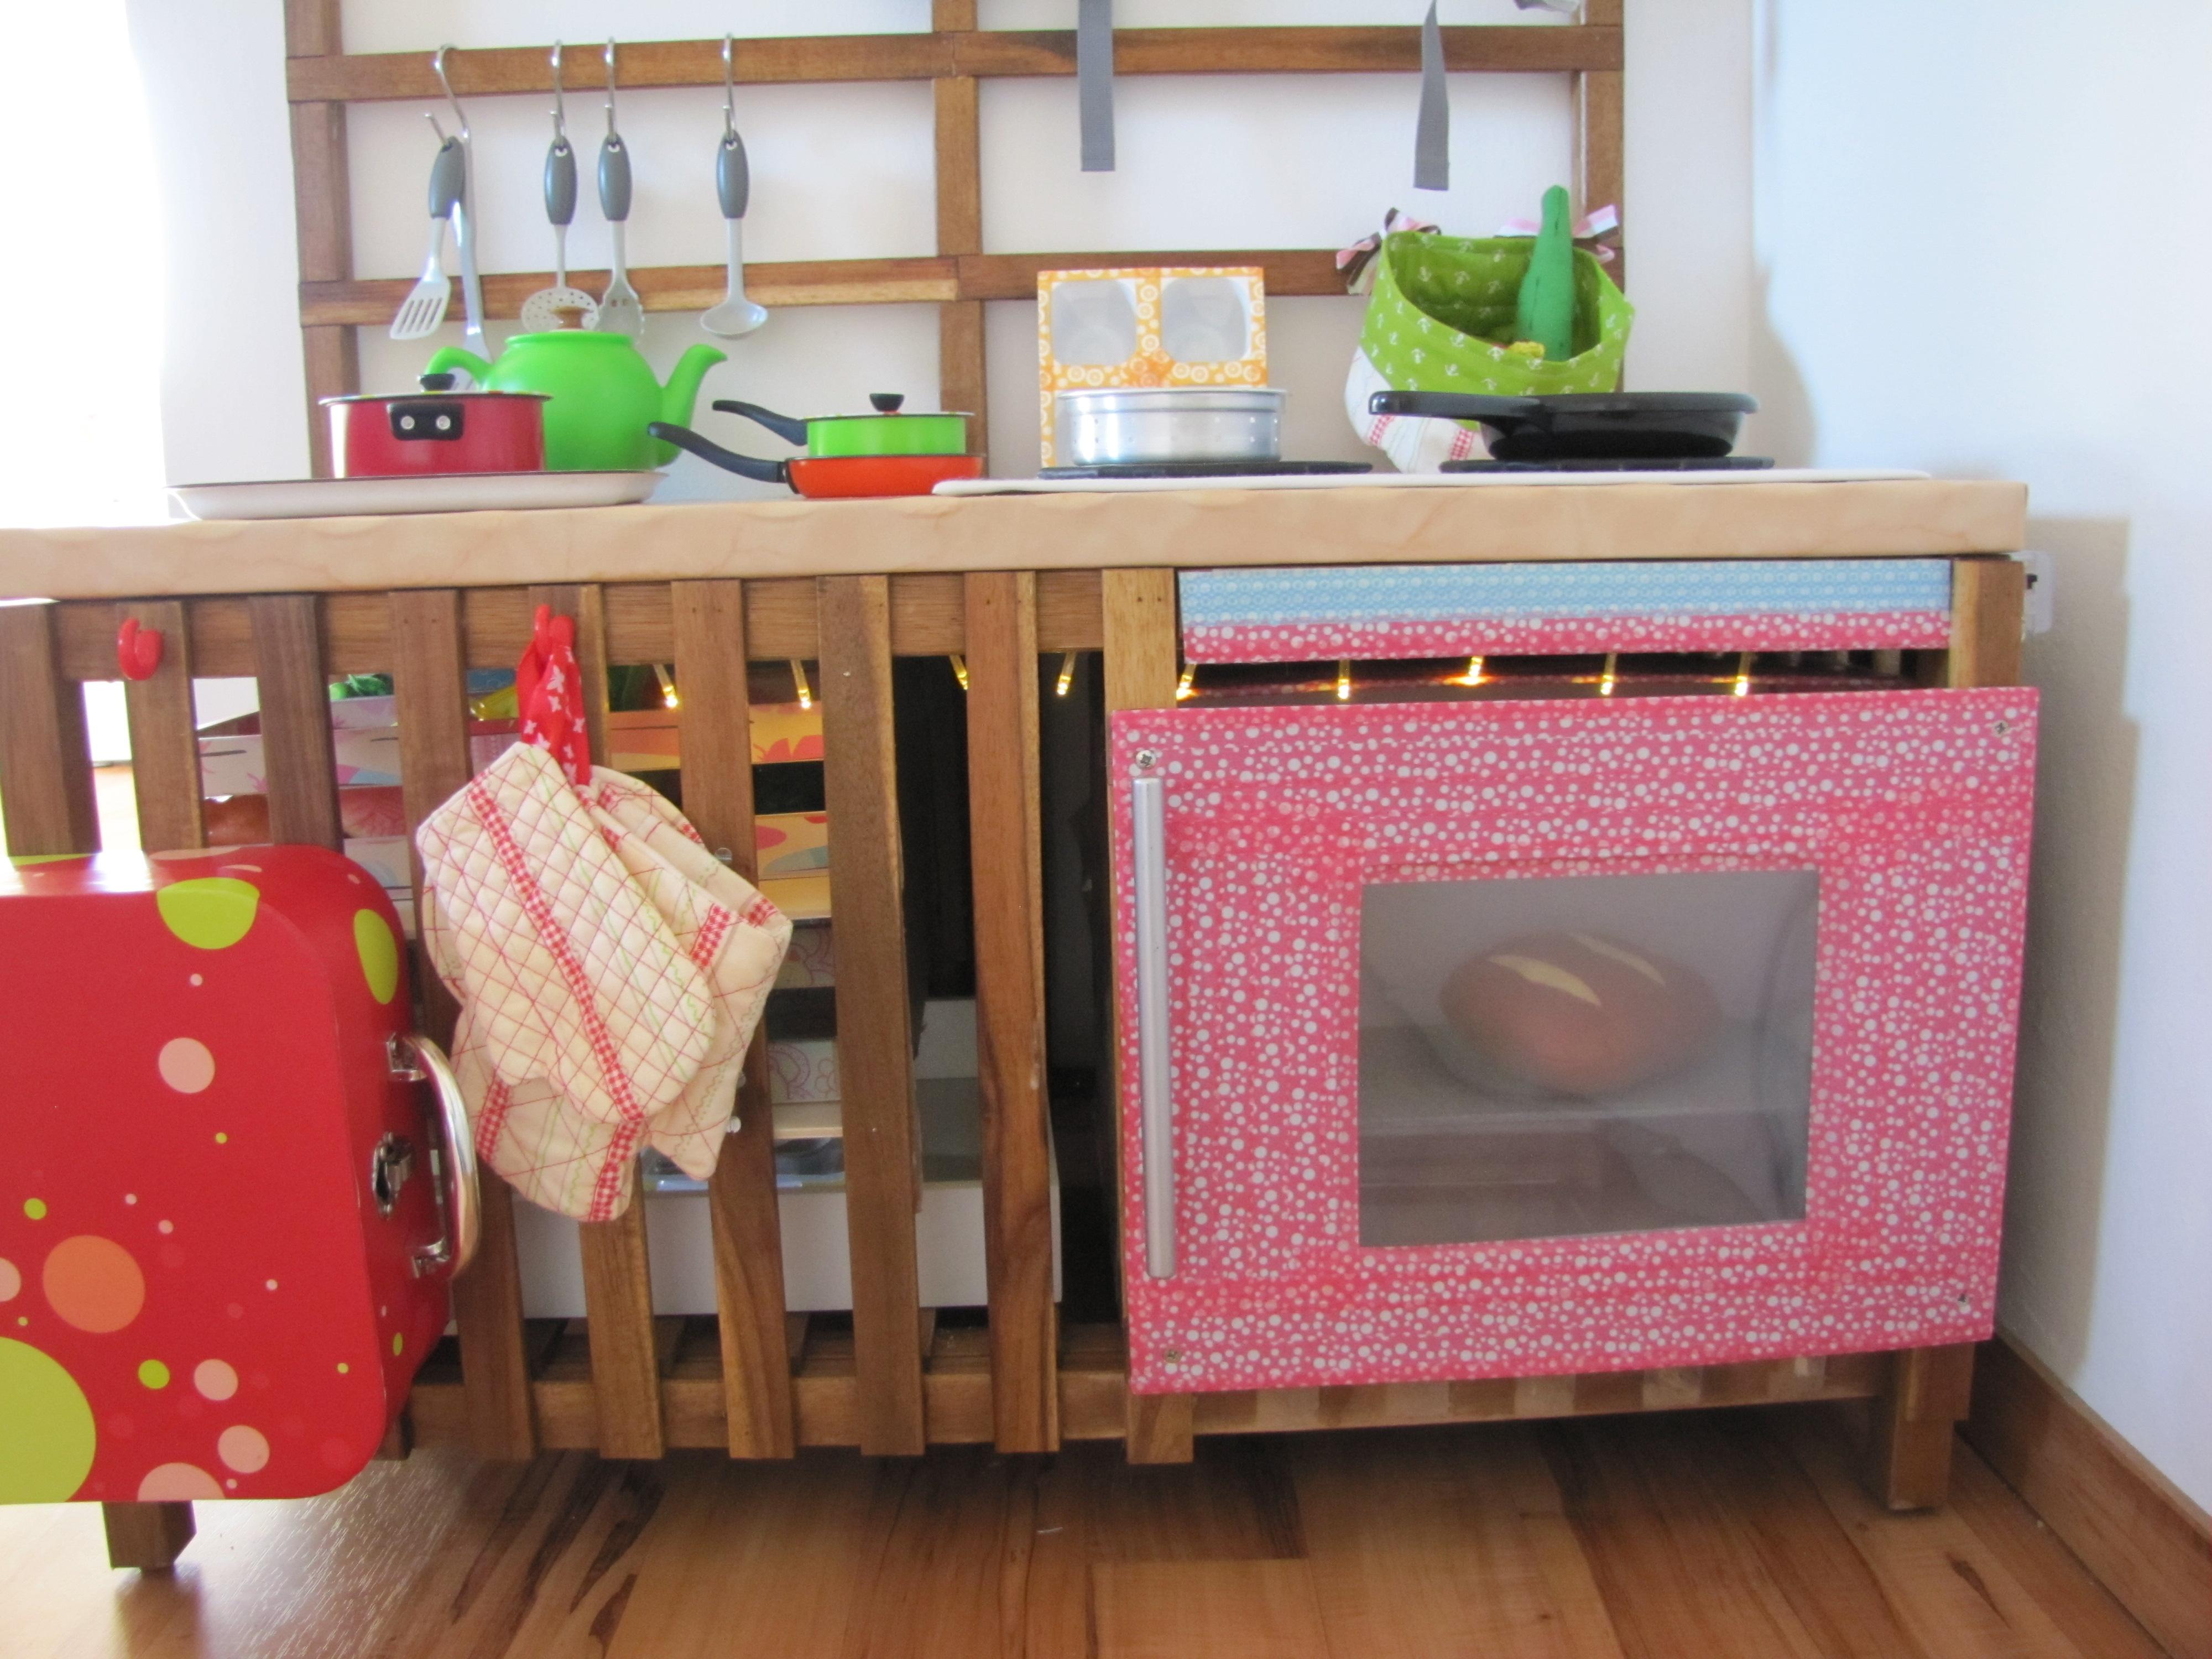 Die Küchenarbeitsplatte: Dazu Haben Wir Den Deckel Der Truhe Einfach Mit  Wachstuch Betackert.